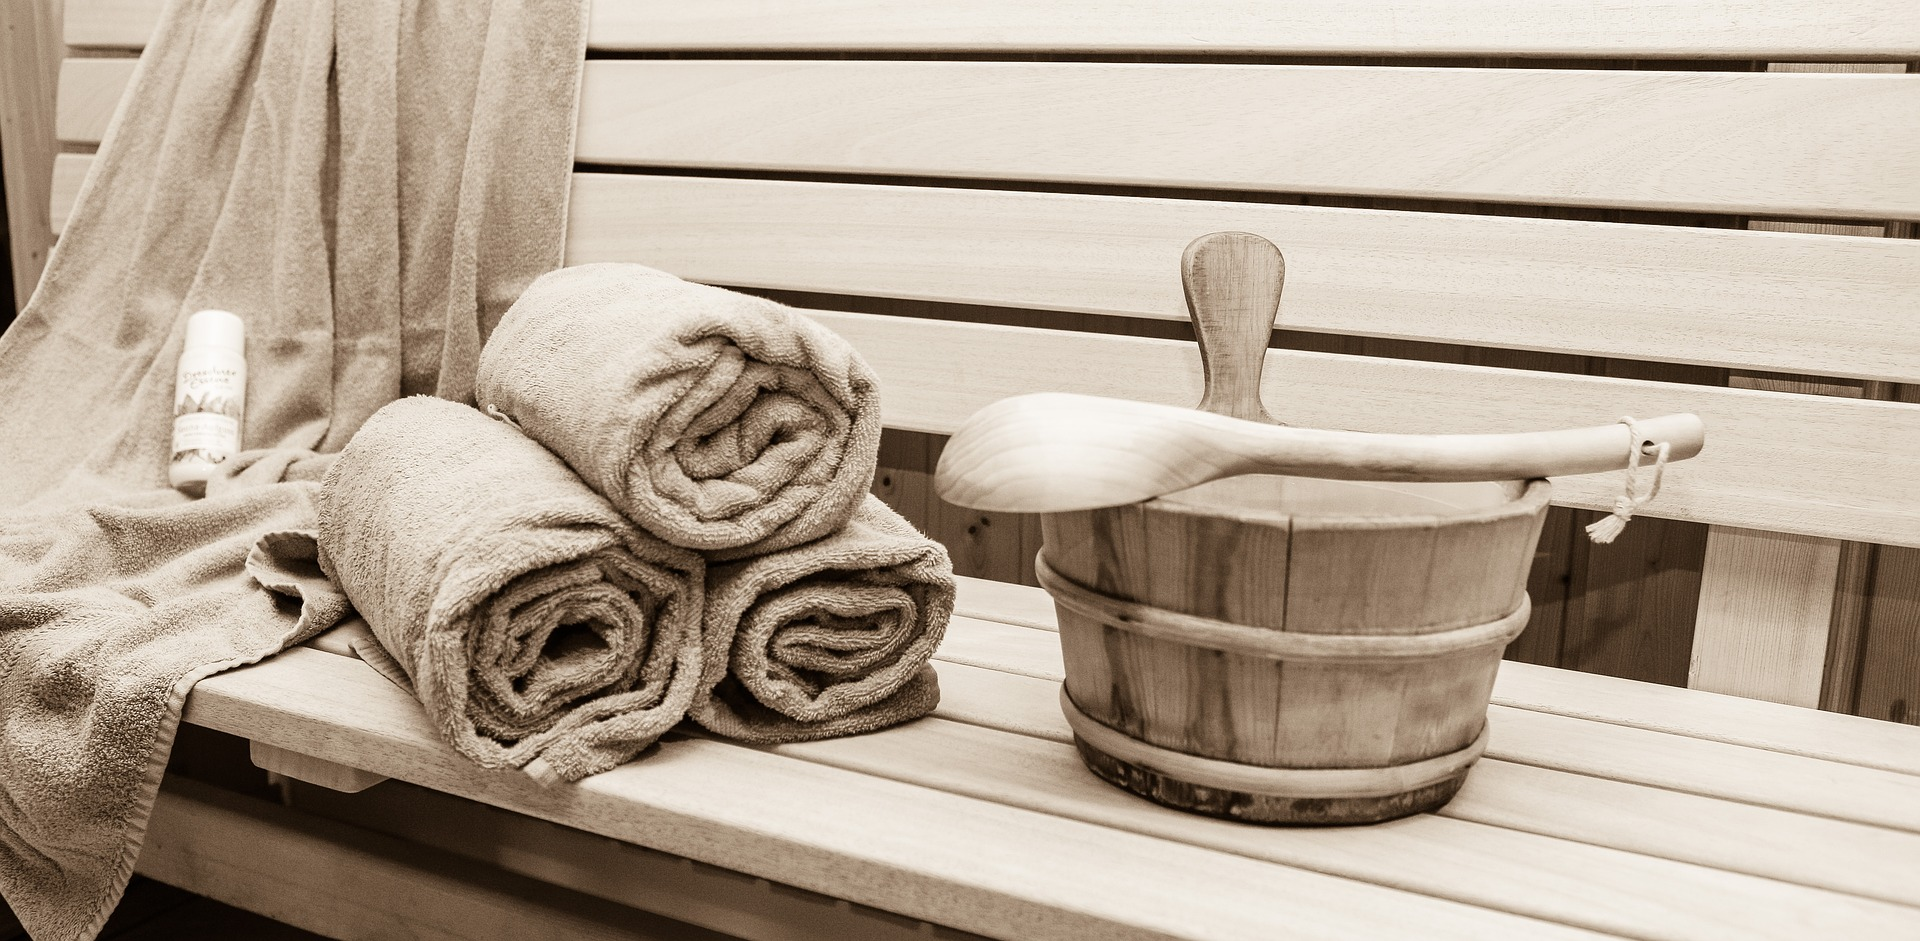 Naar de sauna gaan: een oplossing voor je winterdip en andere winterkwaaltjes!